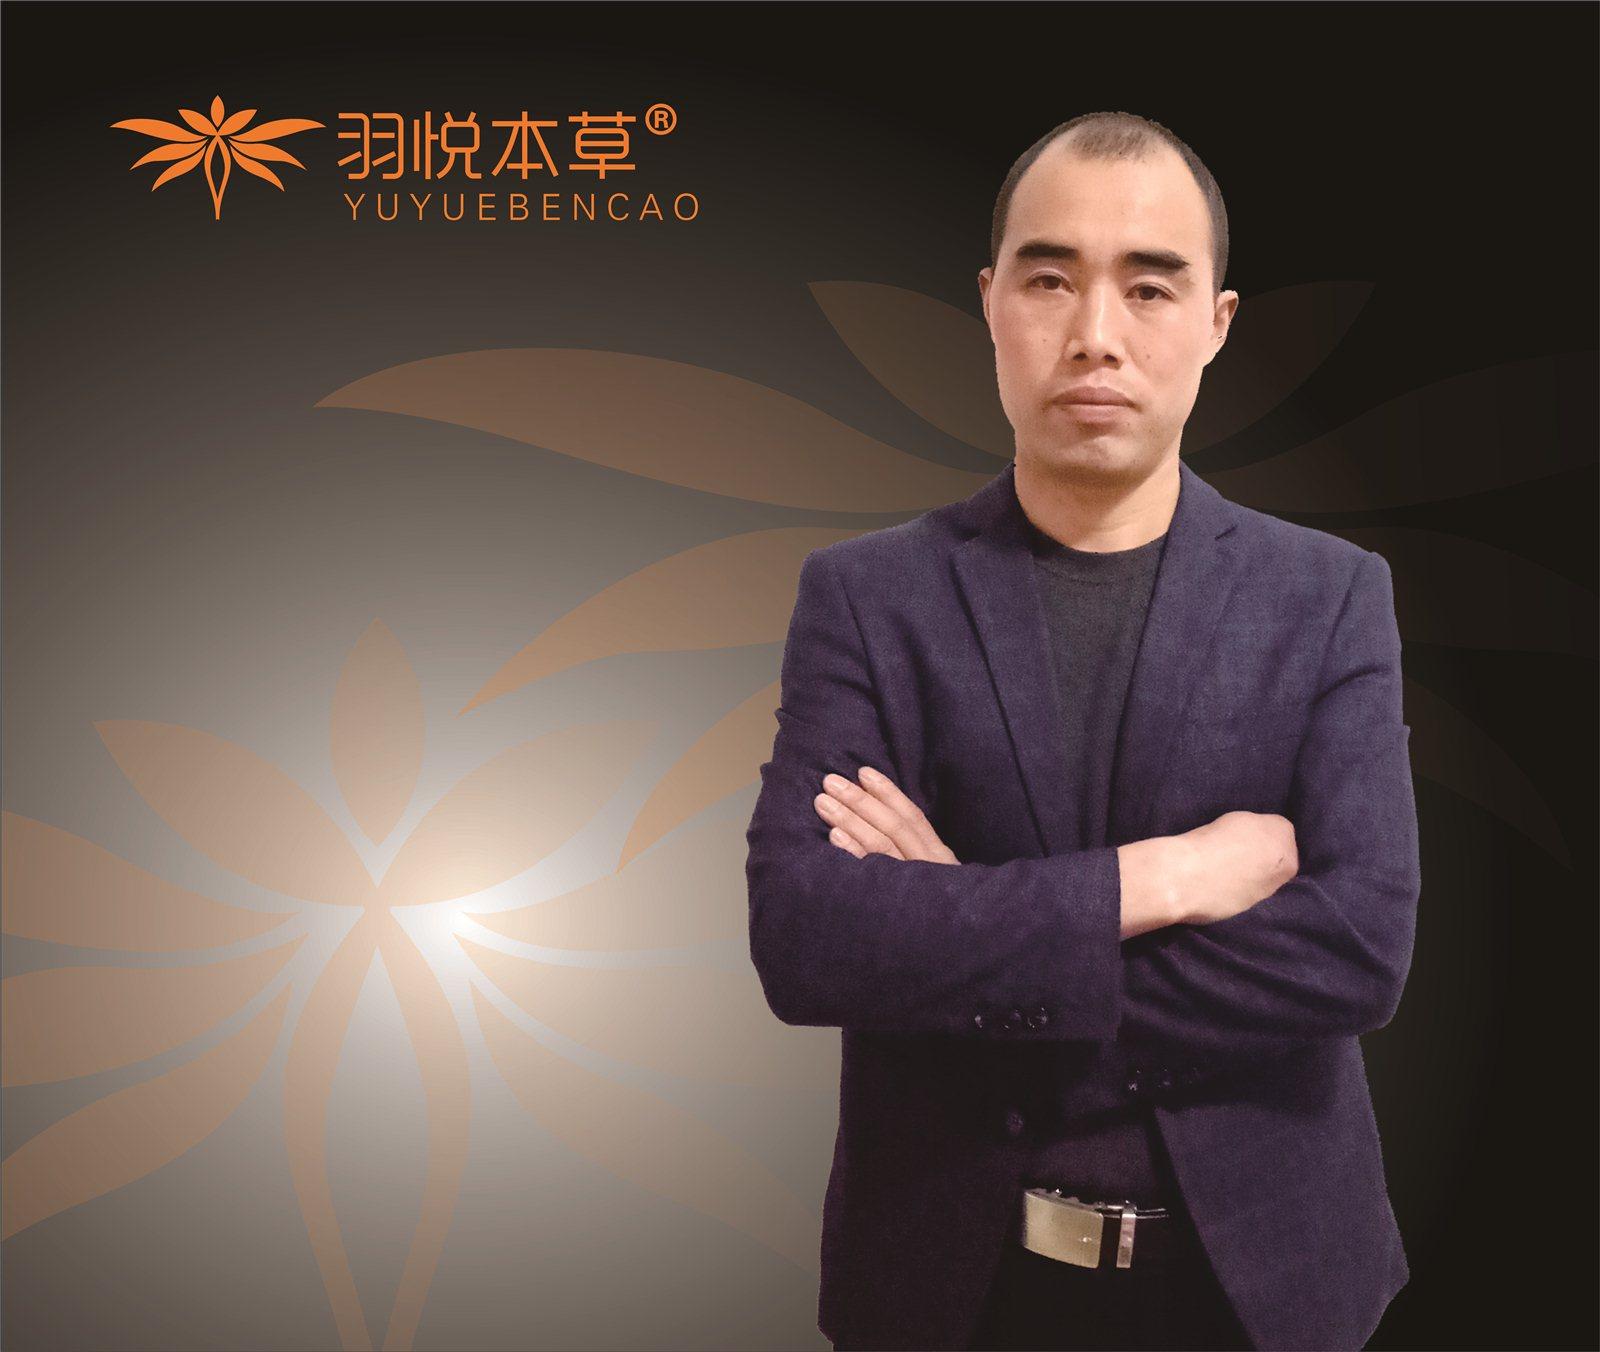 唐晓平专业减肥养生